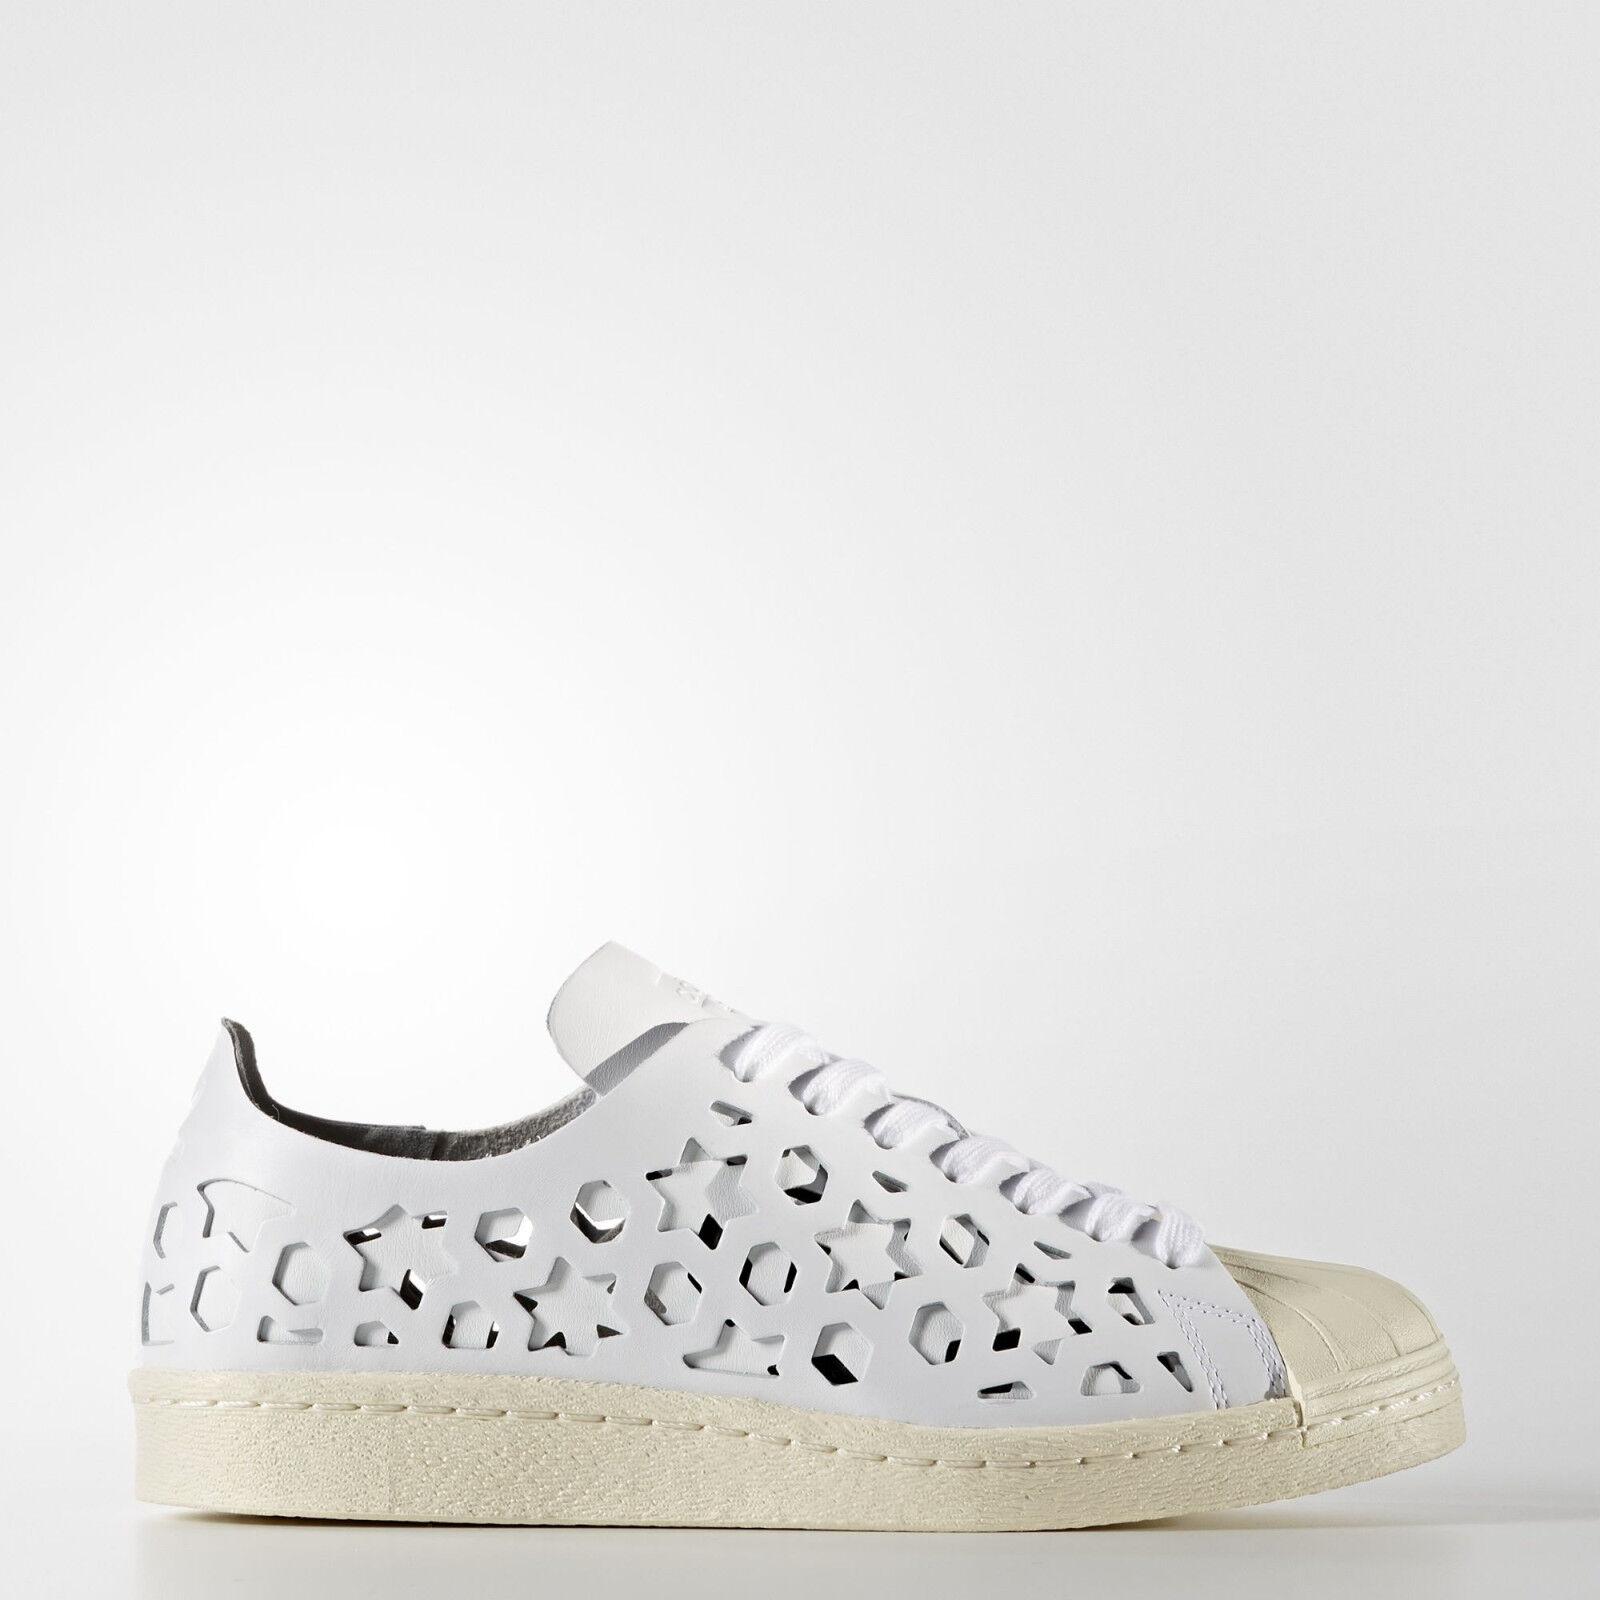 Pennino - adidas superstar degli anni '80 originale scarpa tagliato cuoio campus tesoro scarpa originale - donne sz 8,5 46cf44